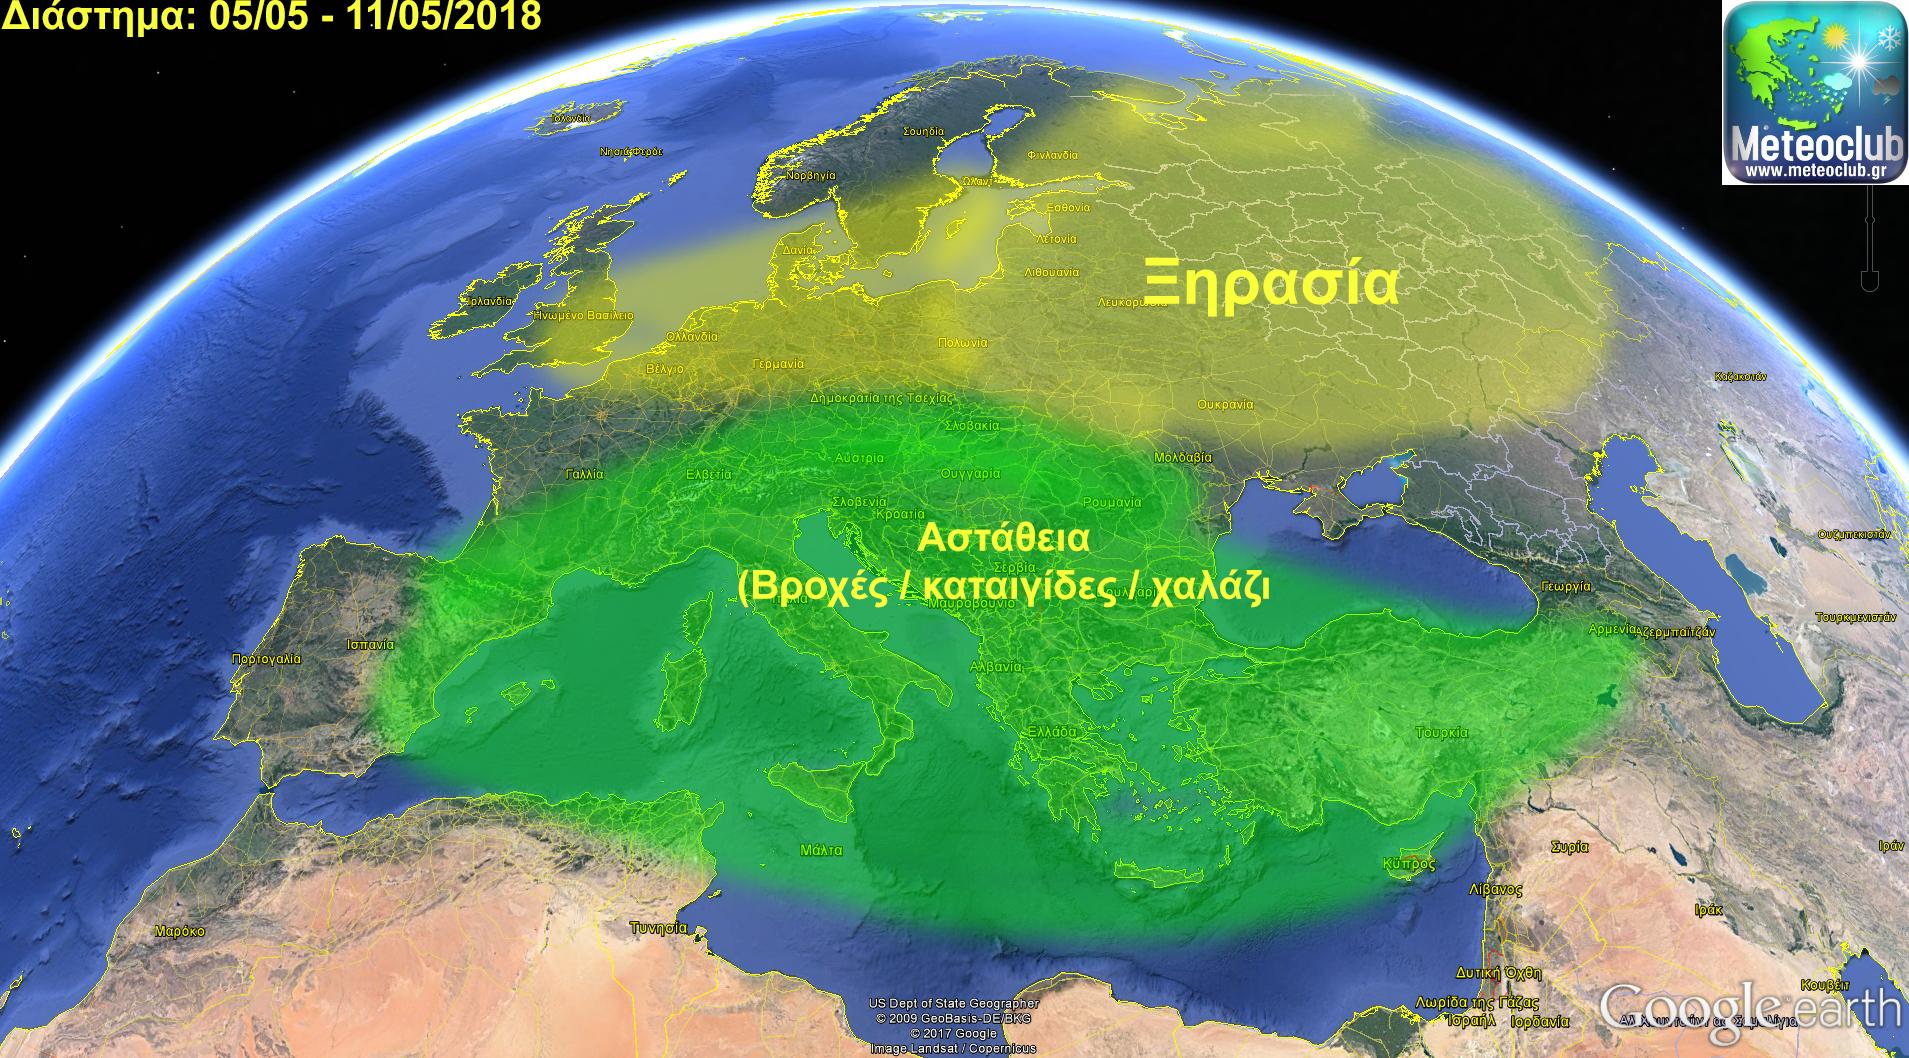 evropaikos-xartis-05-05me1105-2018